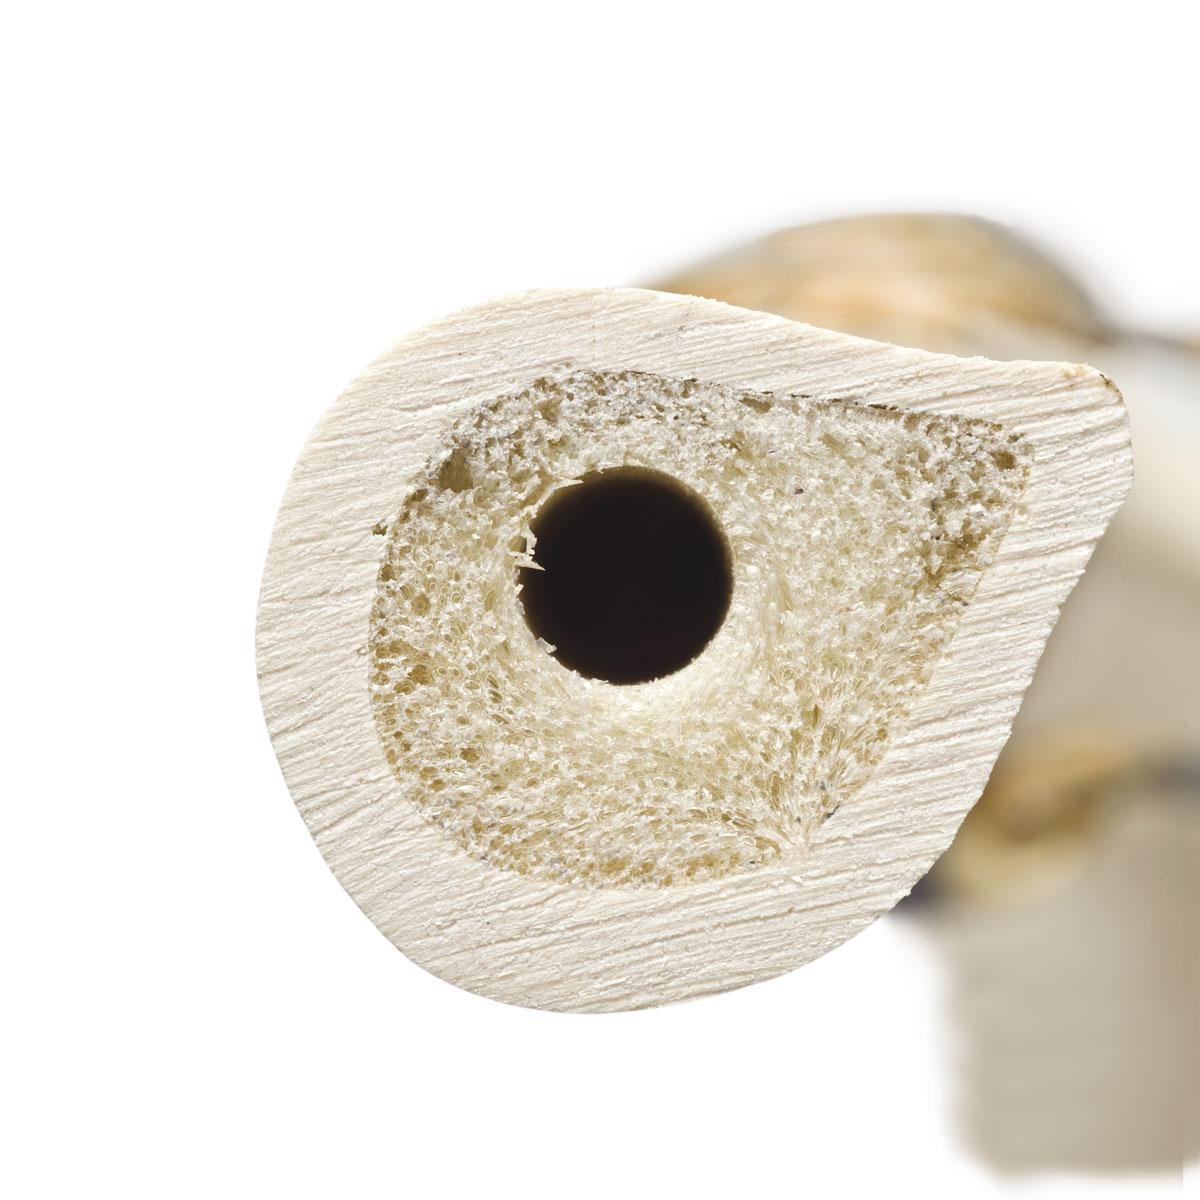 ORTHObones Premium Unterarmknochen (Radius), rechts - 1005122 ...